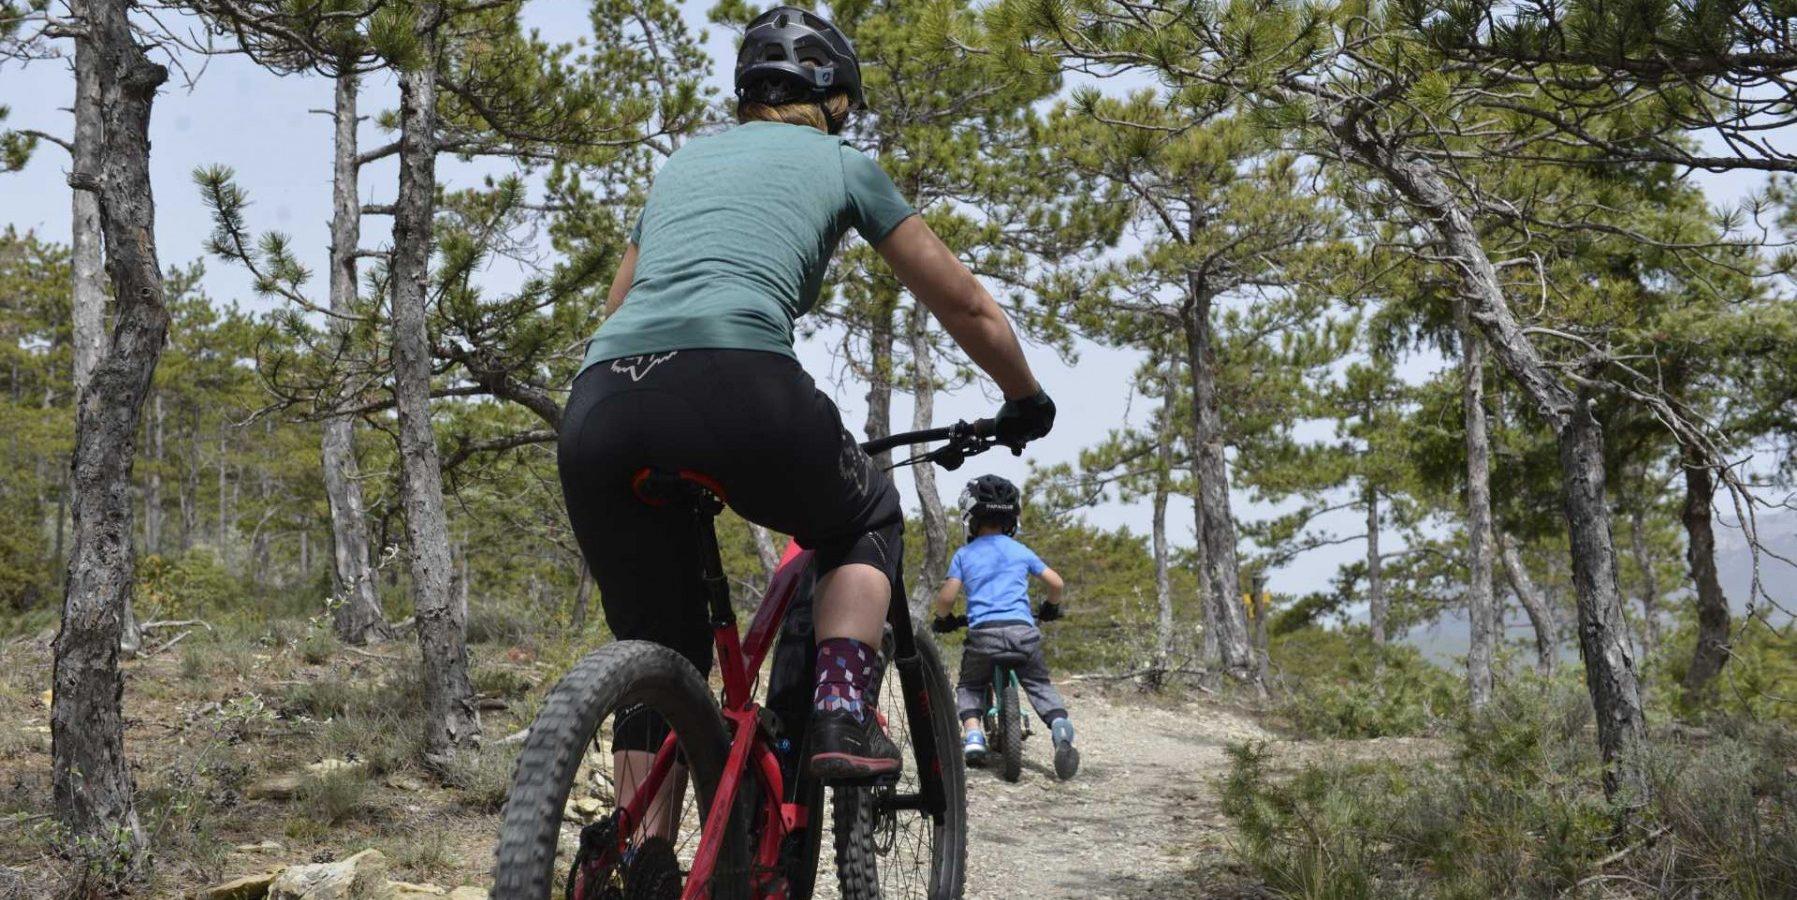 faire du vélo avec son enfant. Maman et enfant VTT dos